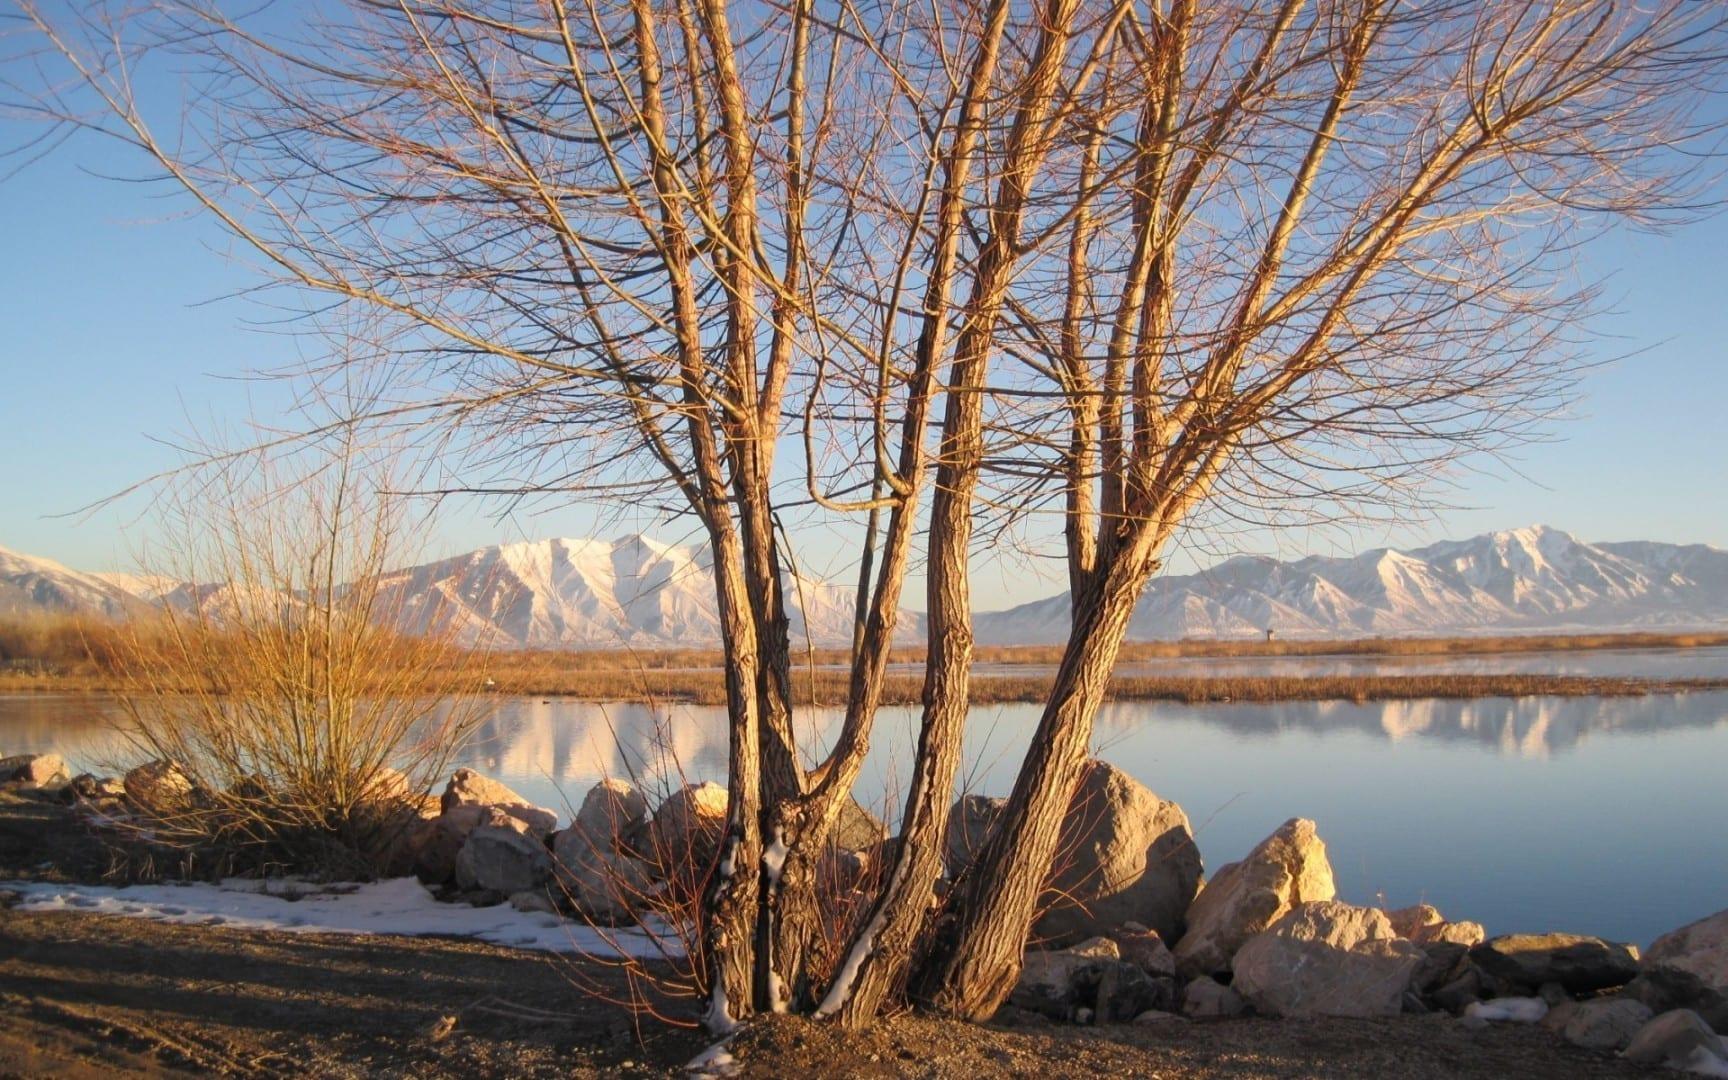 El lago Utah orientado al sur. Provo UT Estados Unidos